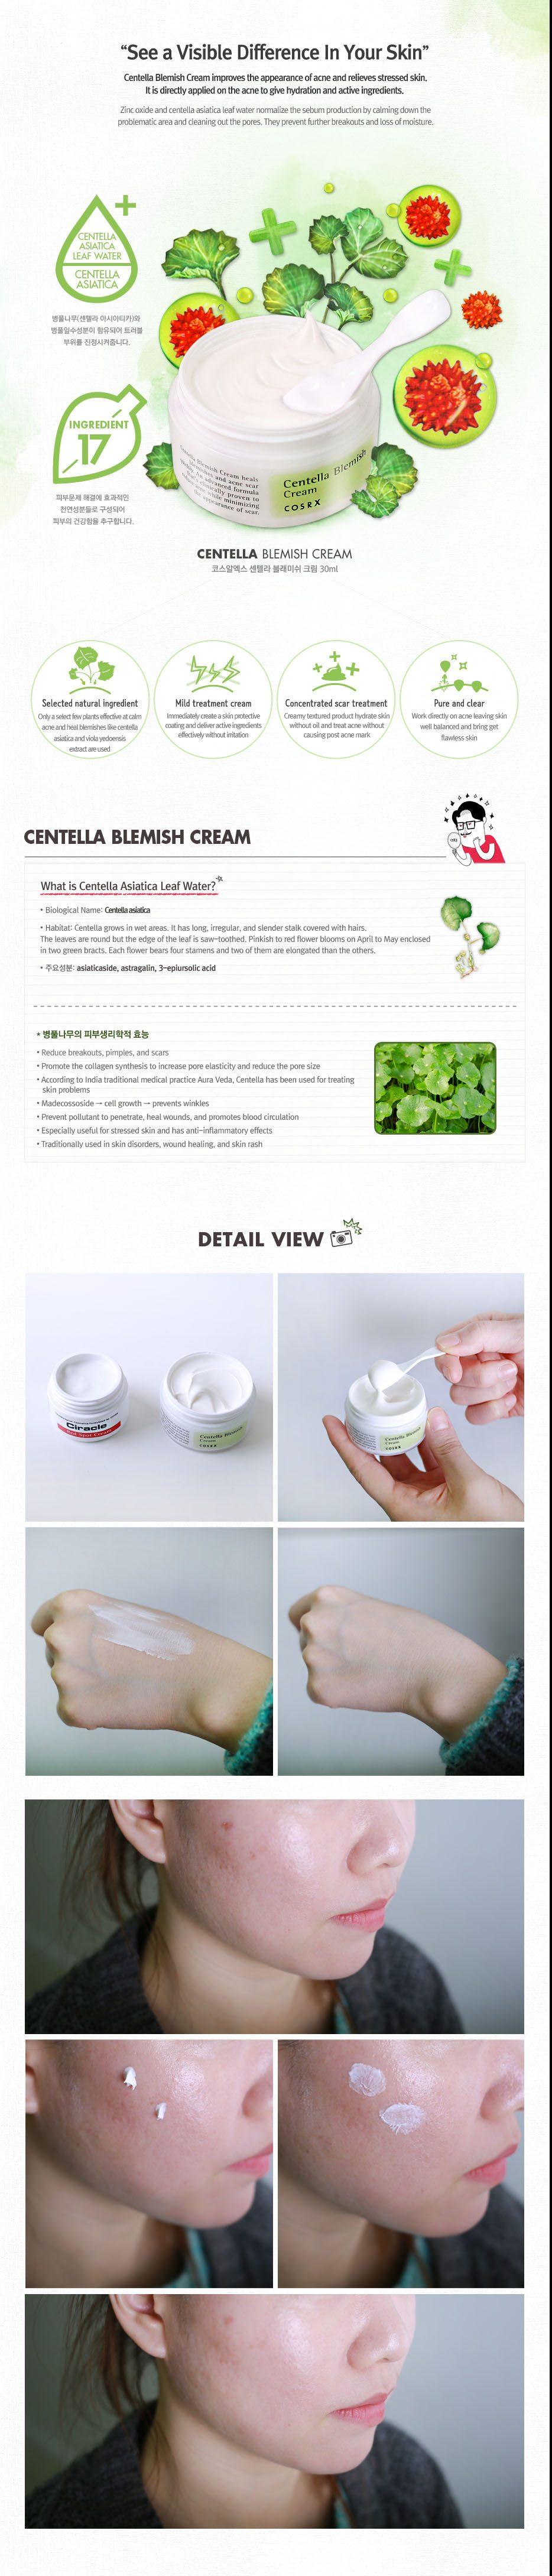 Back to: Skincare [COSRX] Centella Blemish Cream - 30ml from Shopandshop india